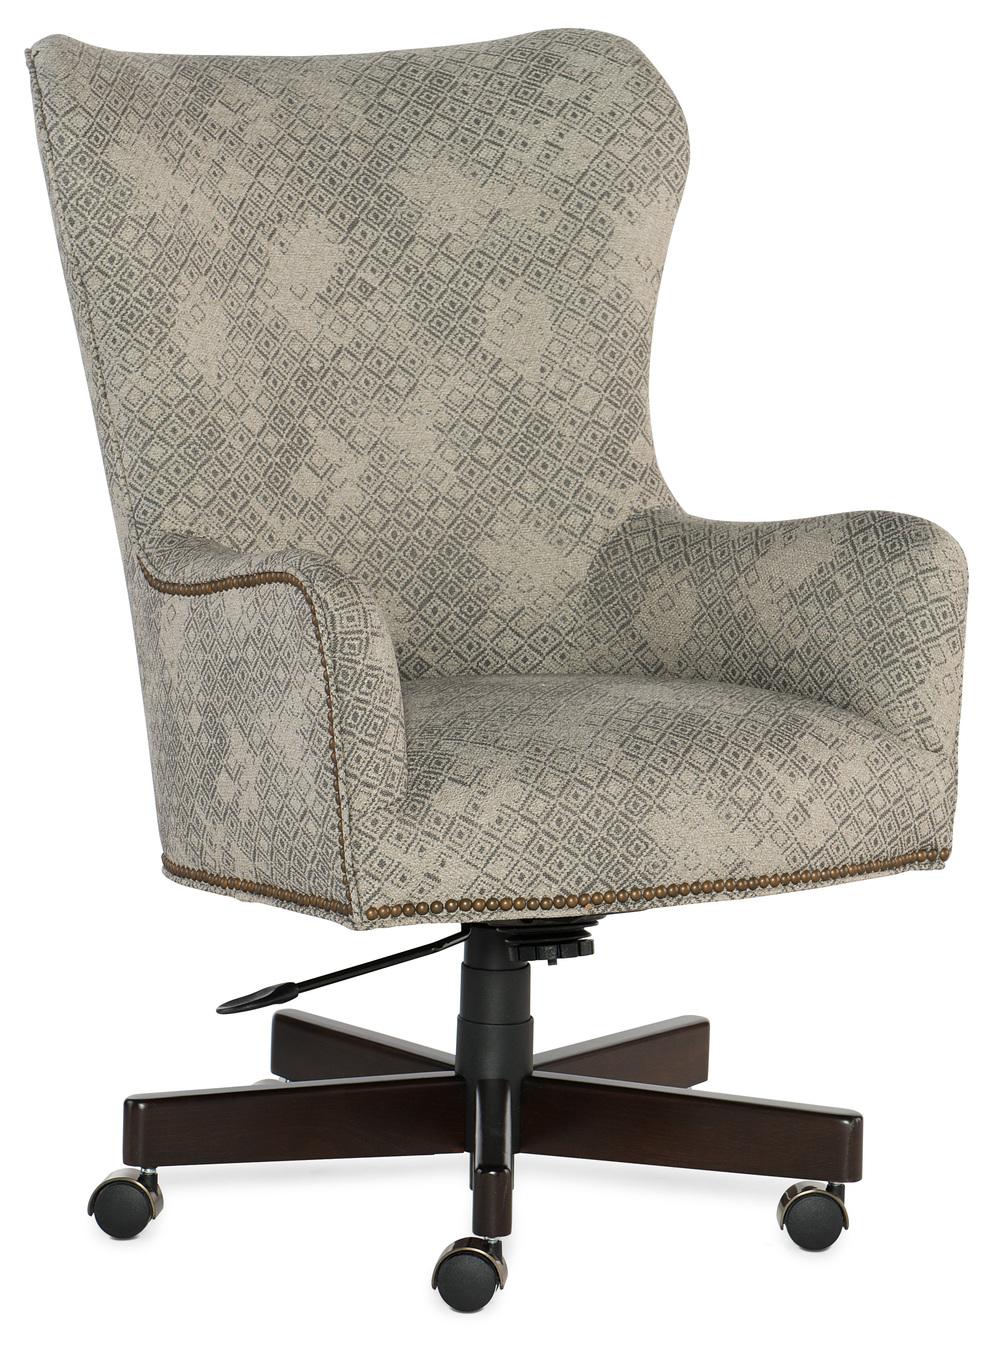 Sam Moore - Breve Desk Chair